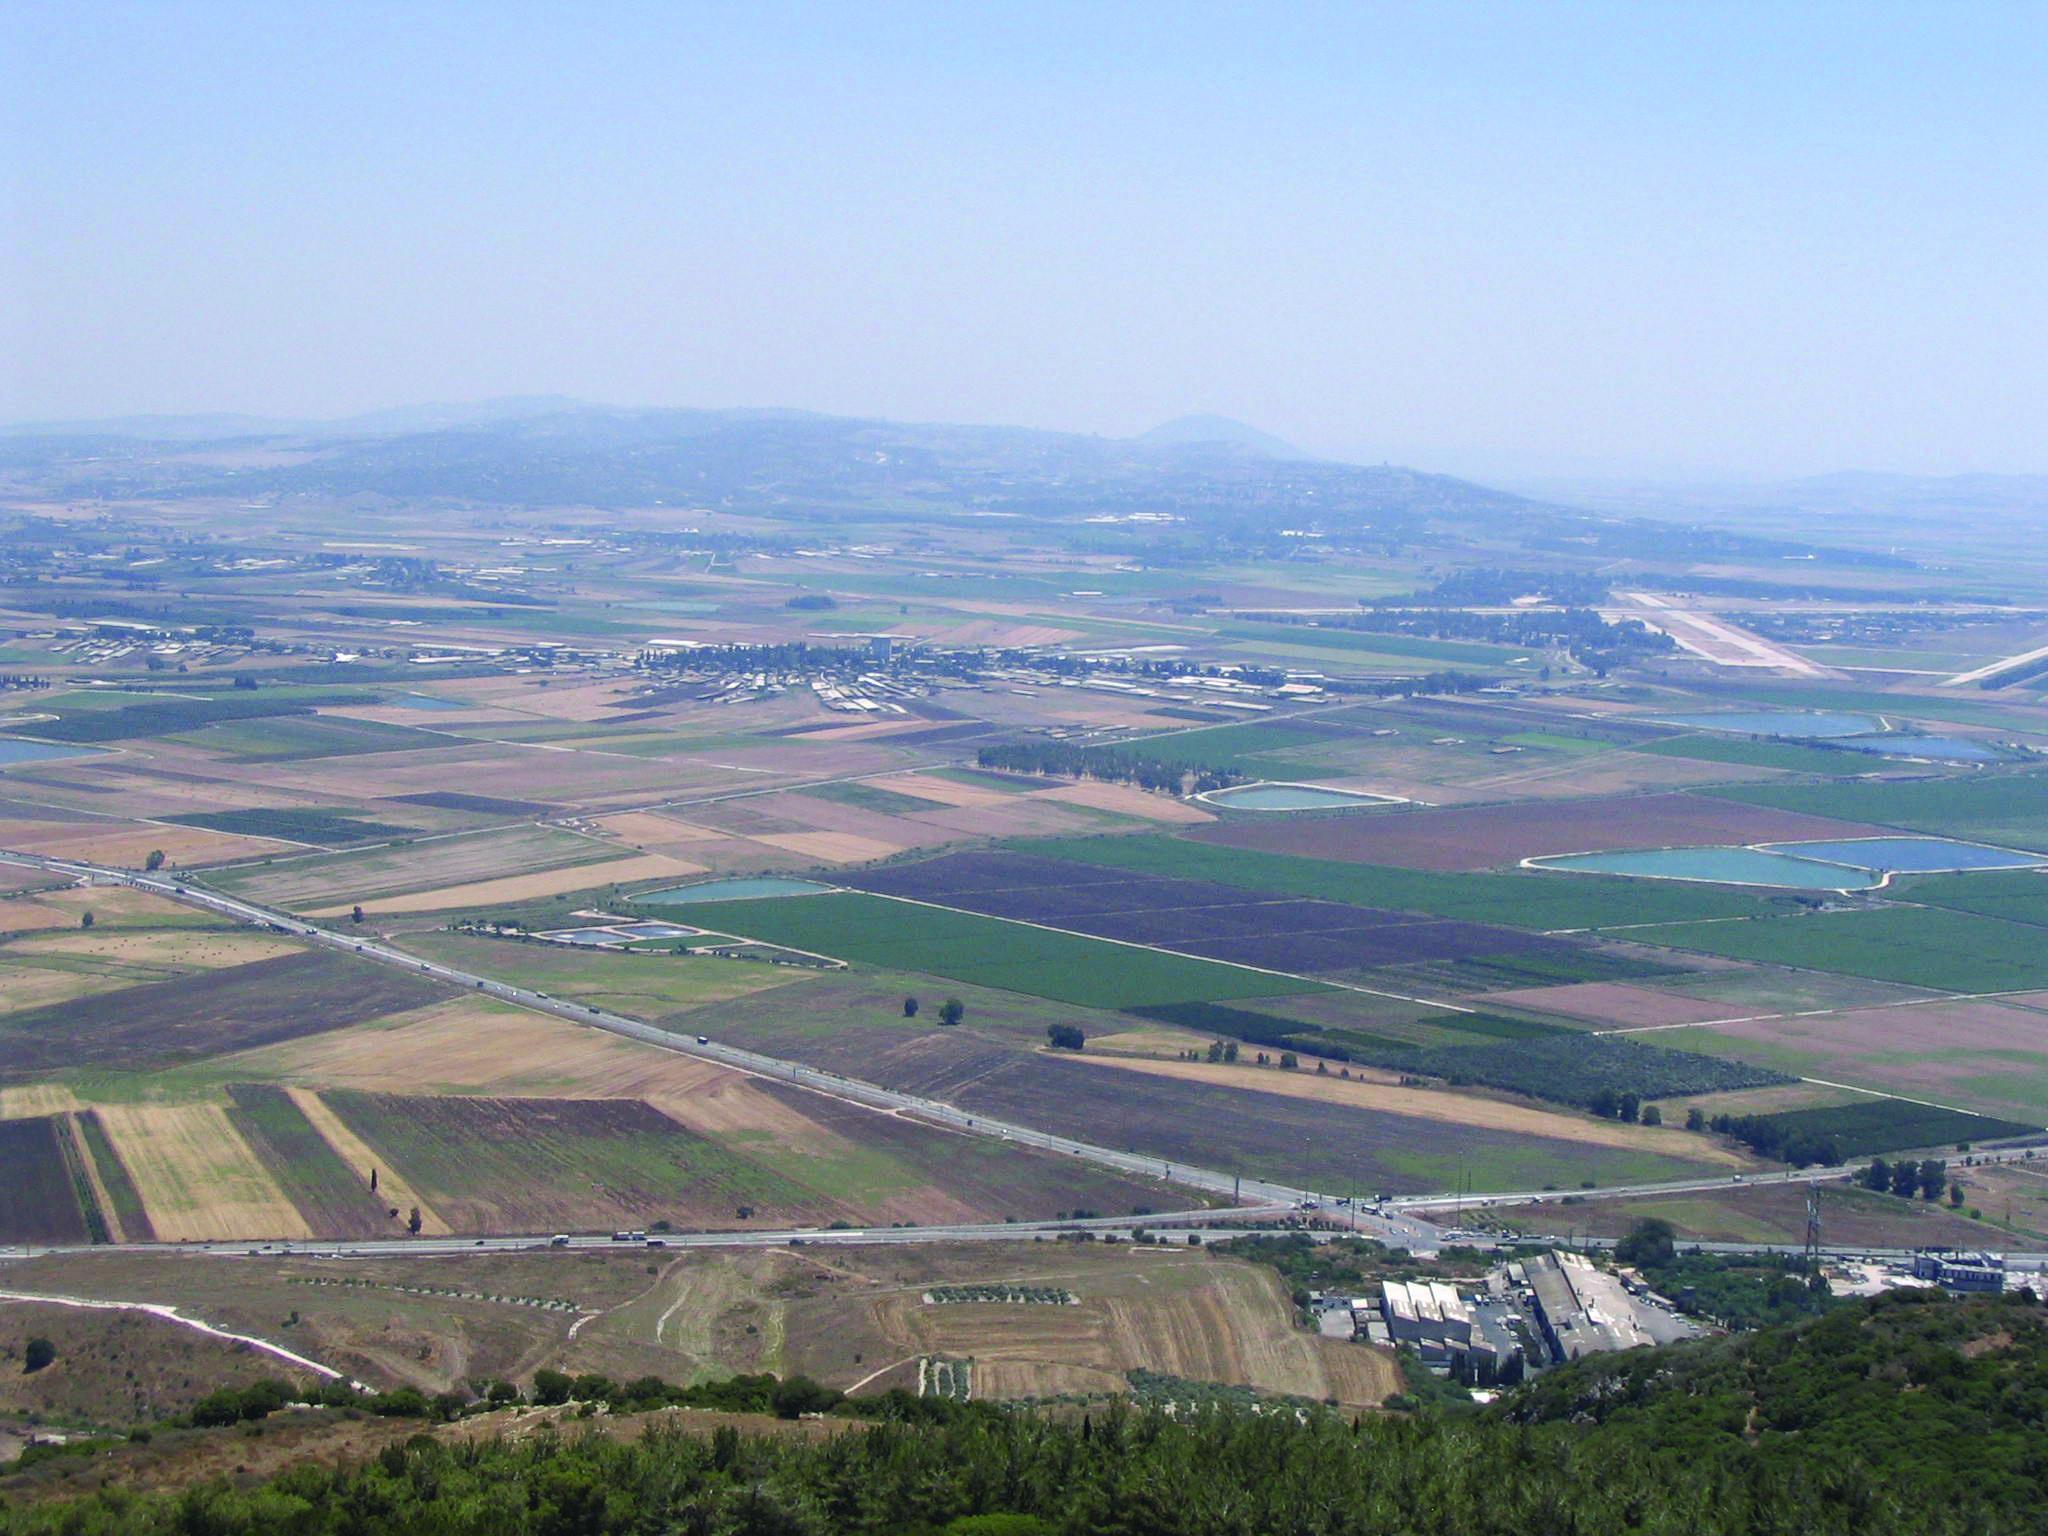 jezreel valley in lower galilee region of israel